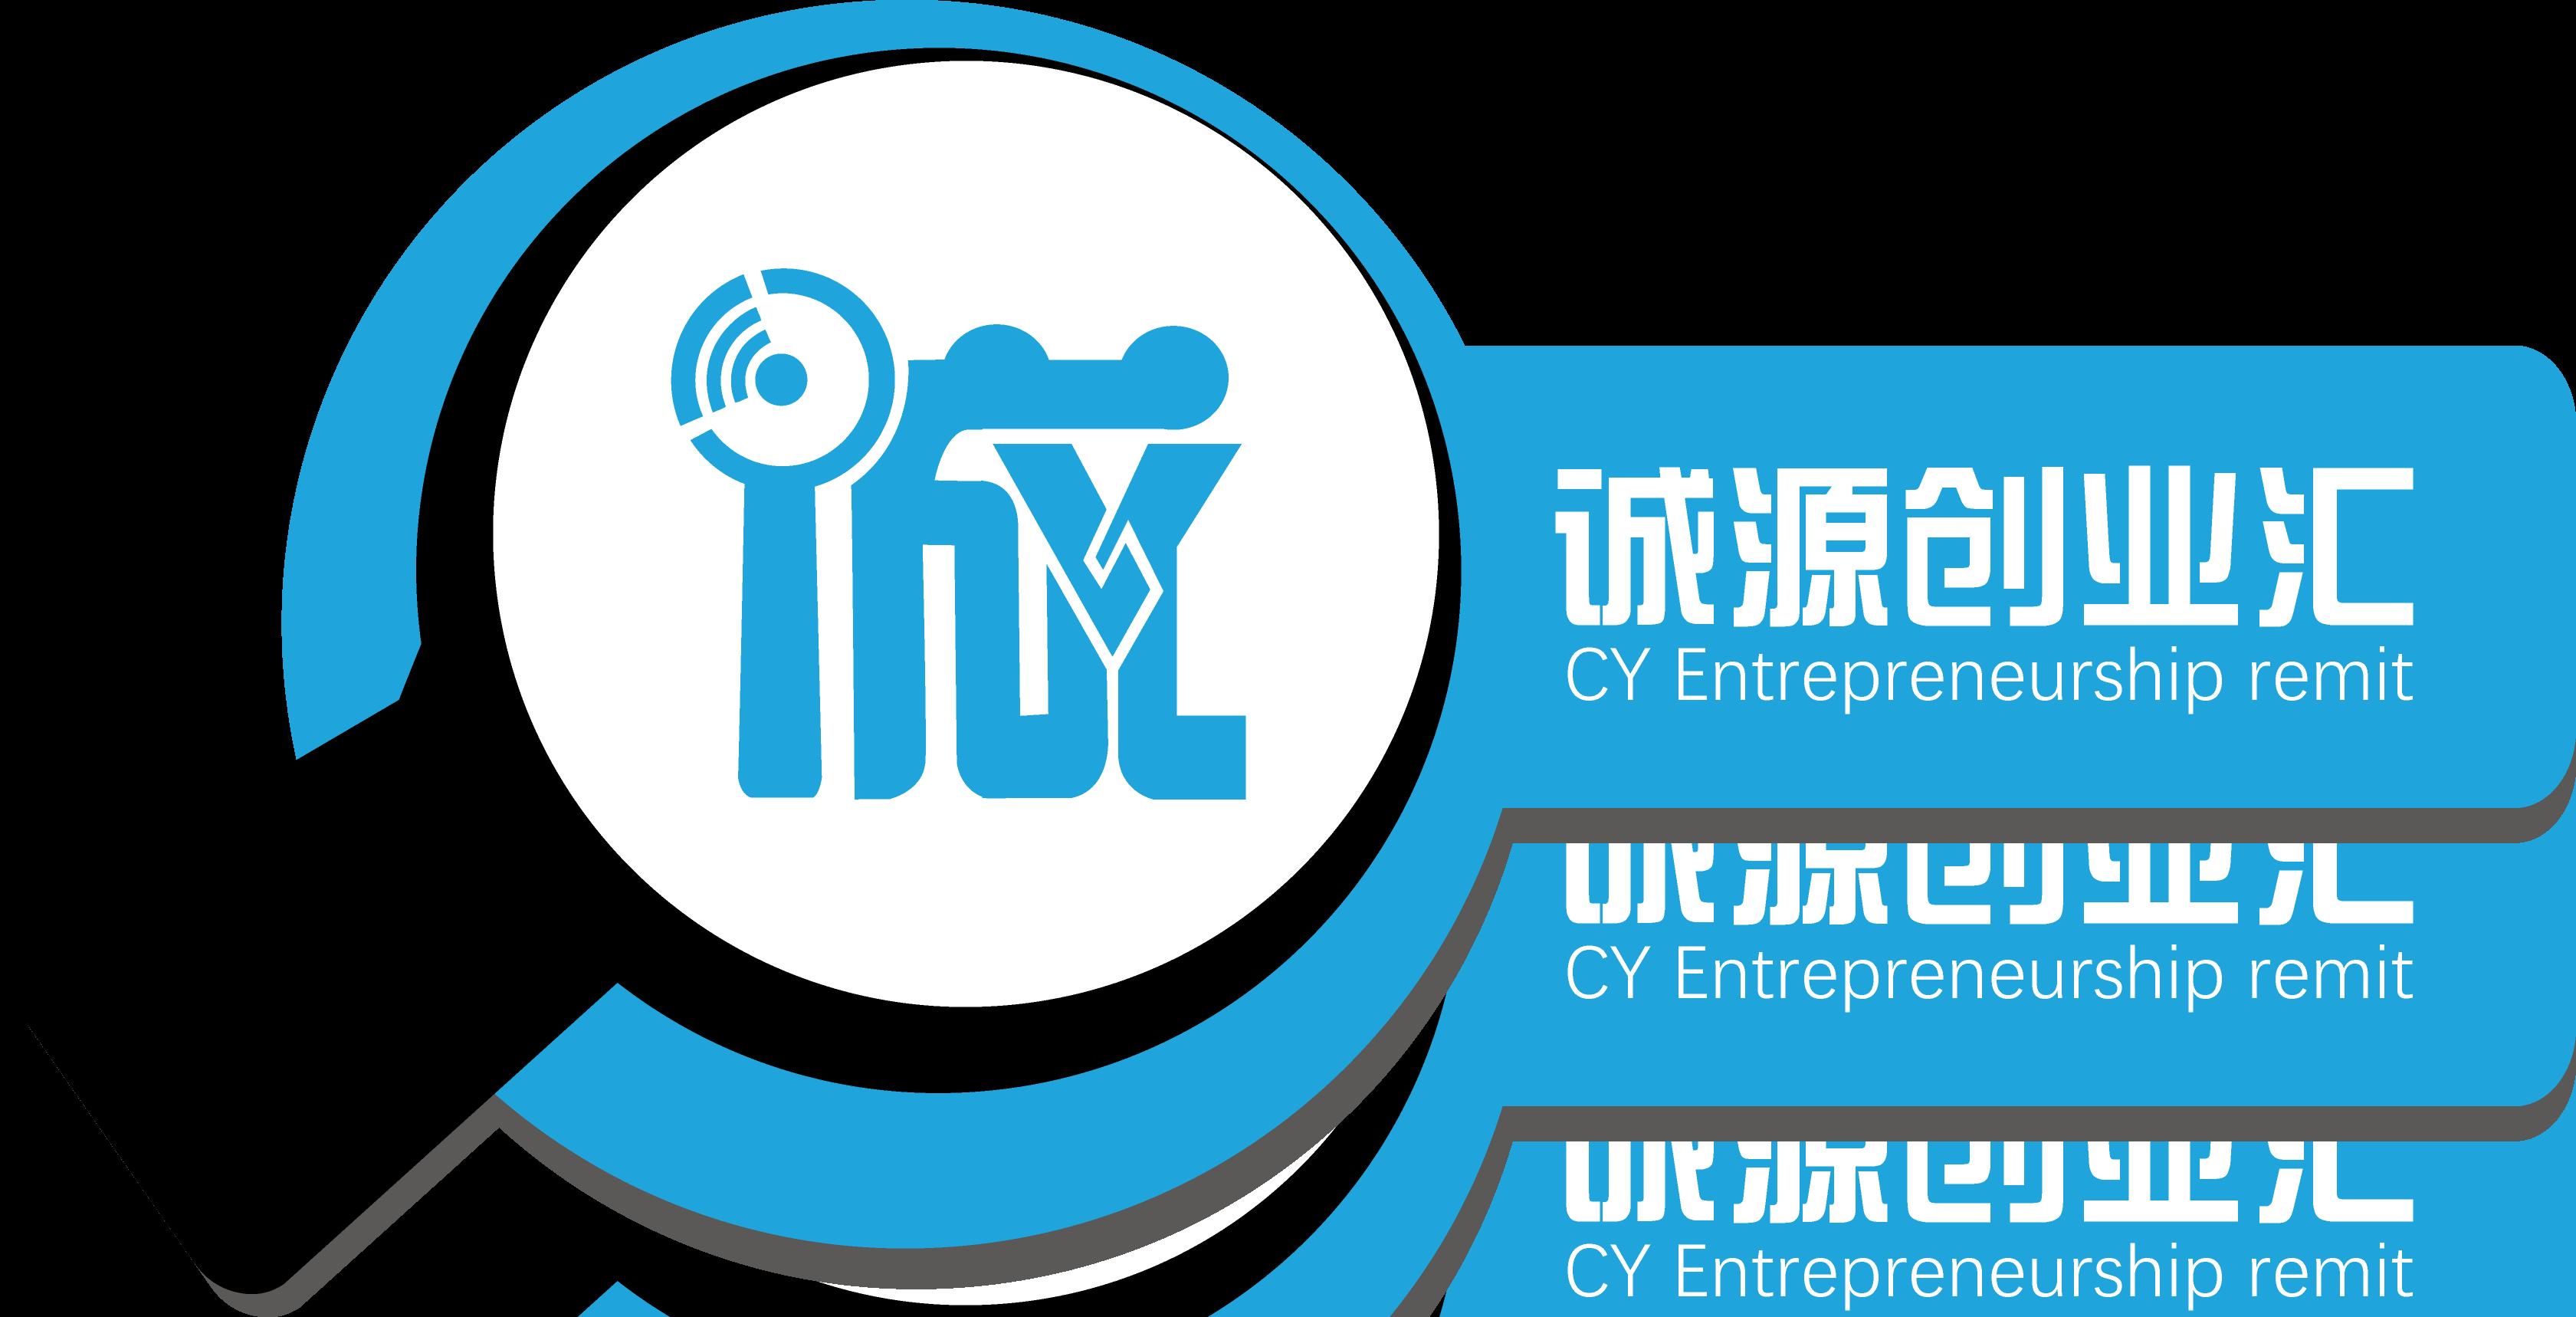 诚源创业汇(北京)创业服务有限公司